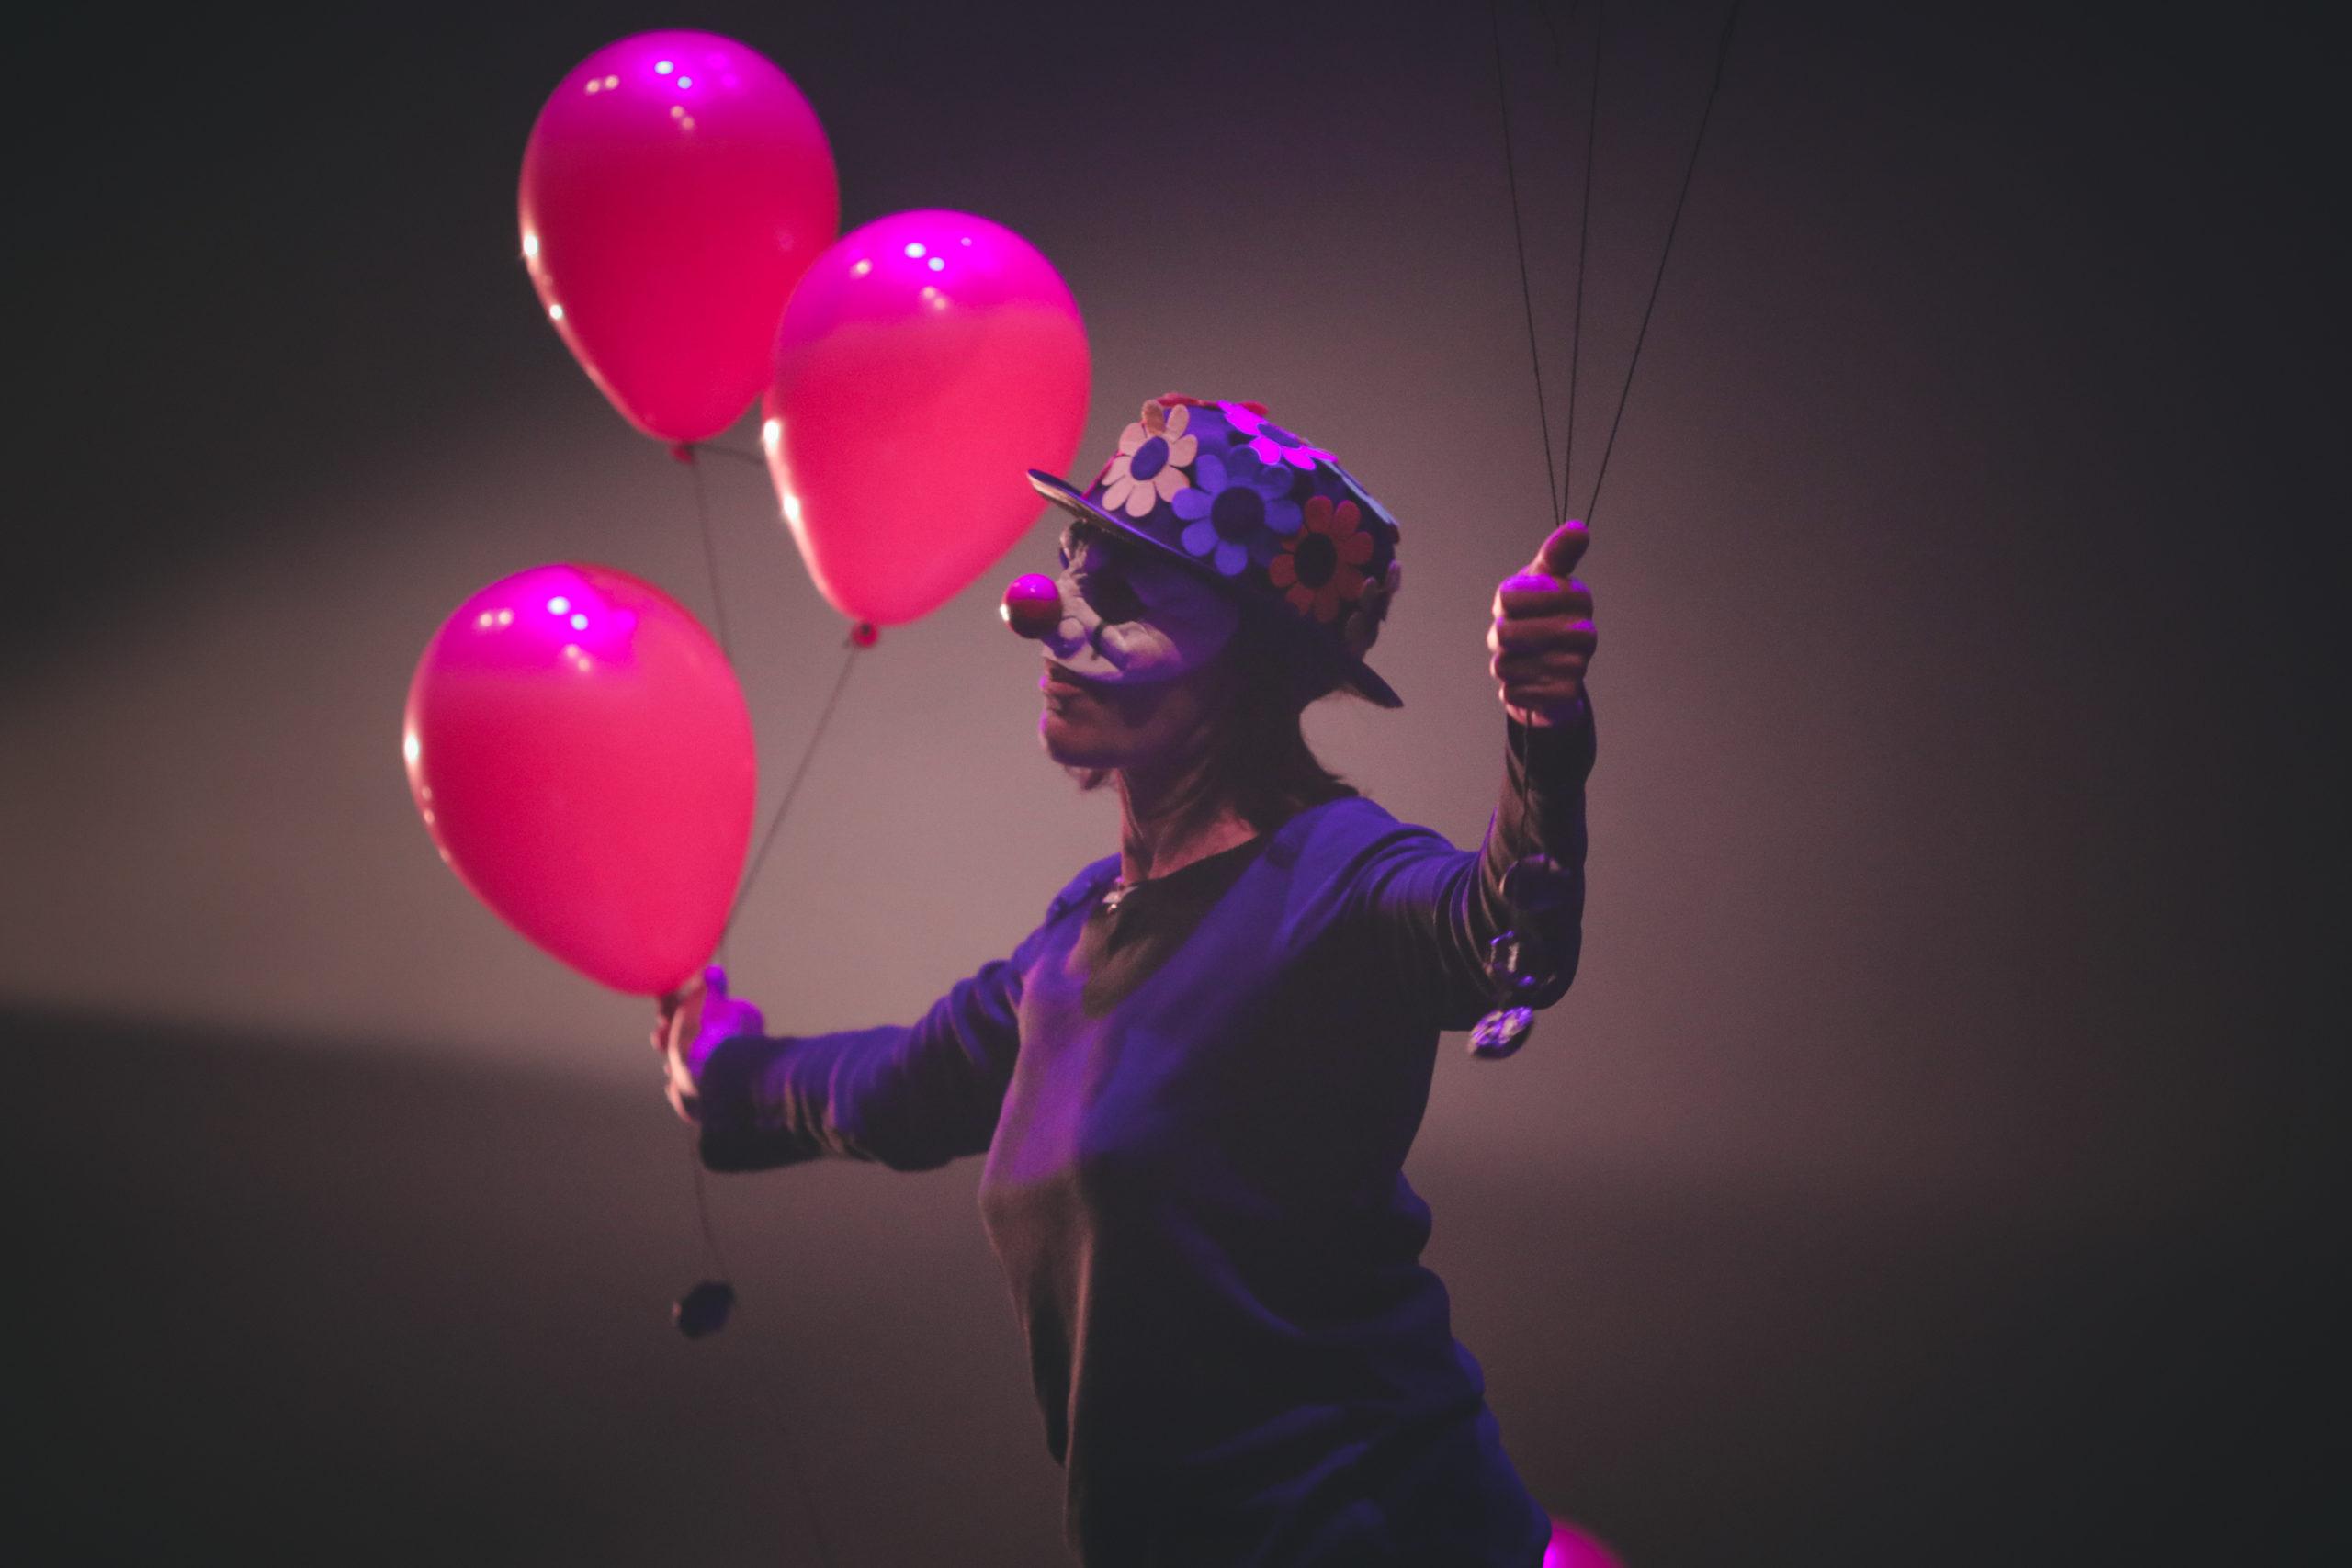 Danseuse de la Klaus compagnie clown ballons